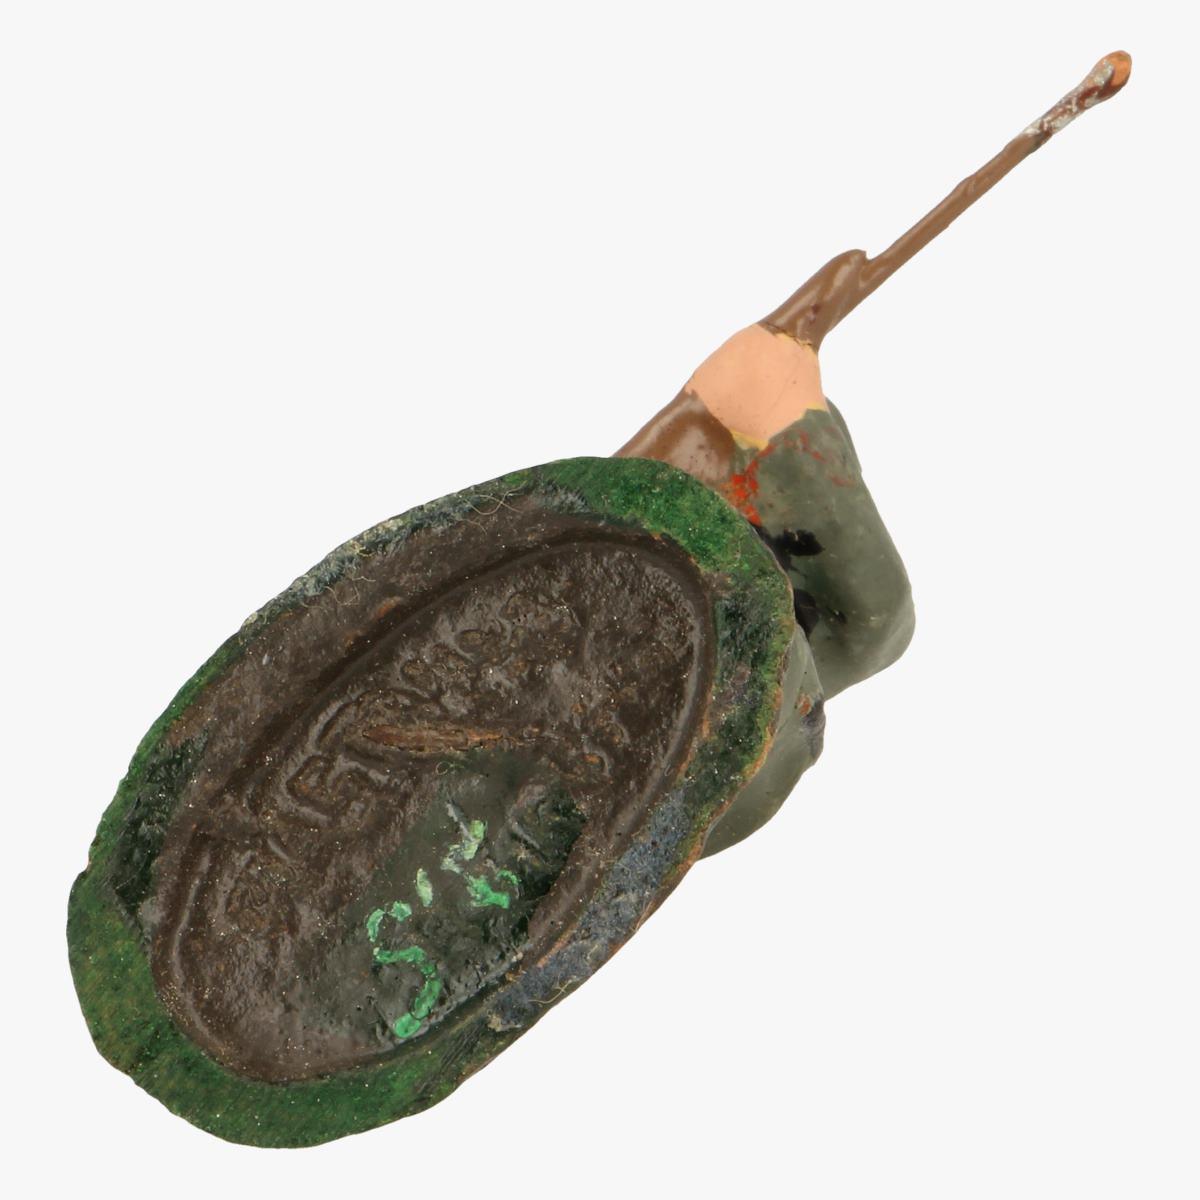 Afbeeldingen van elastolin soldaatjes fabr ; elastolin